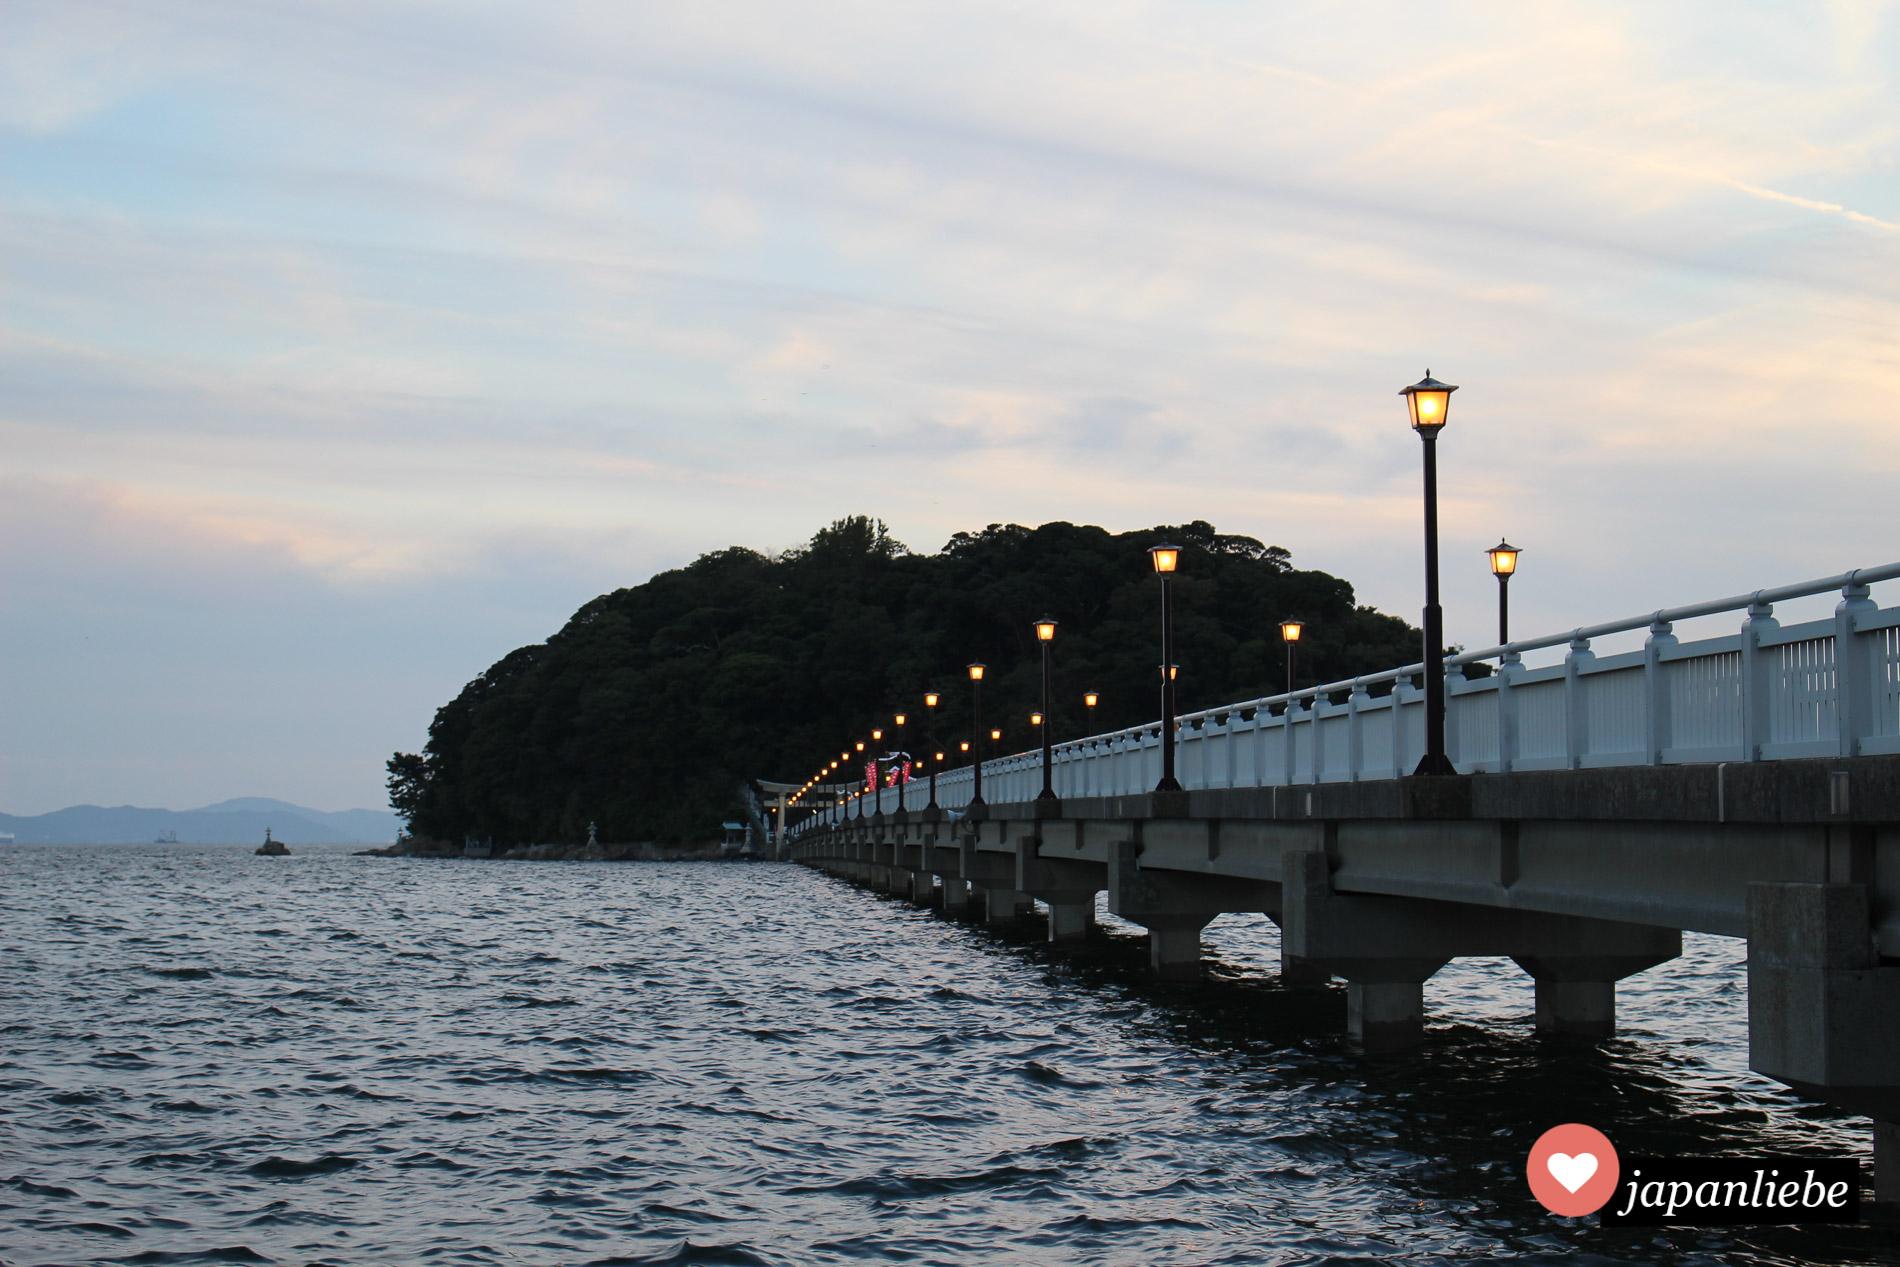 Gamagoris heilige Insel mit fünf Schreinen in der Abenddämmerung.